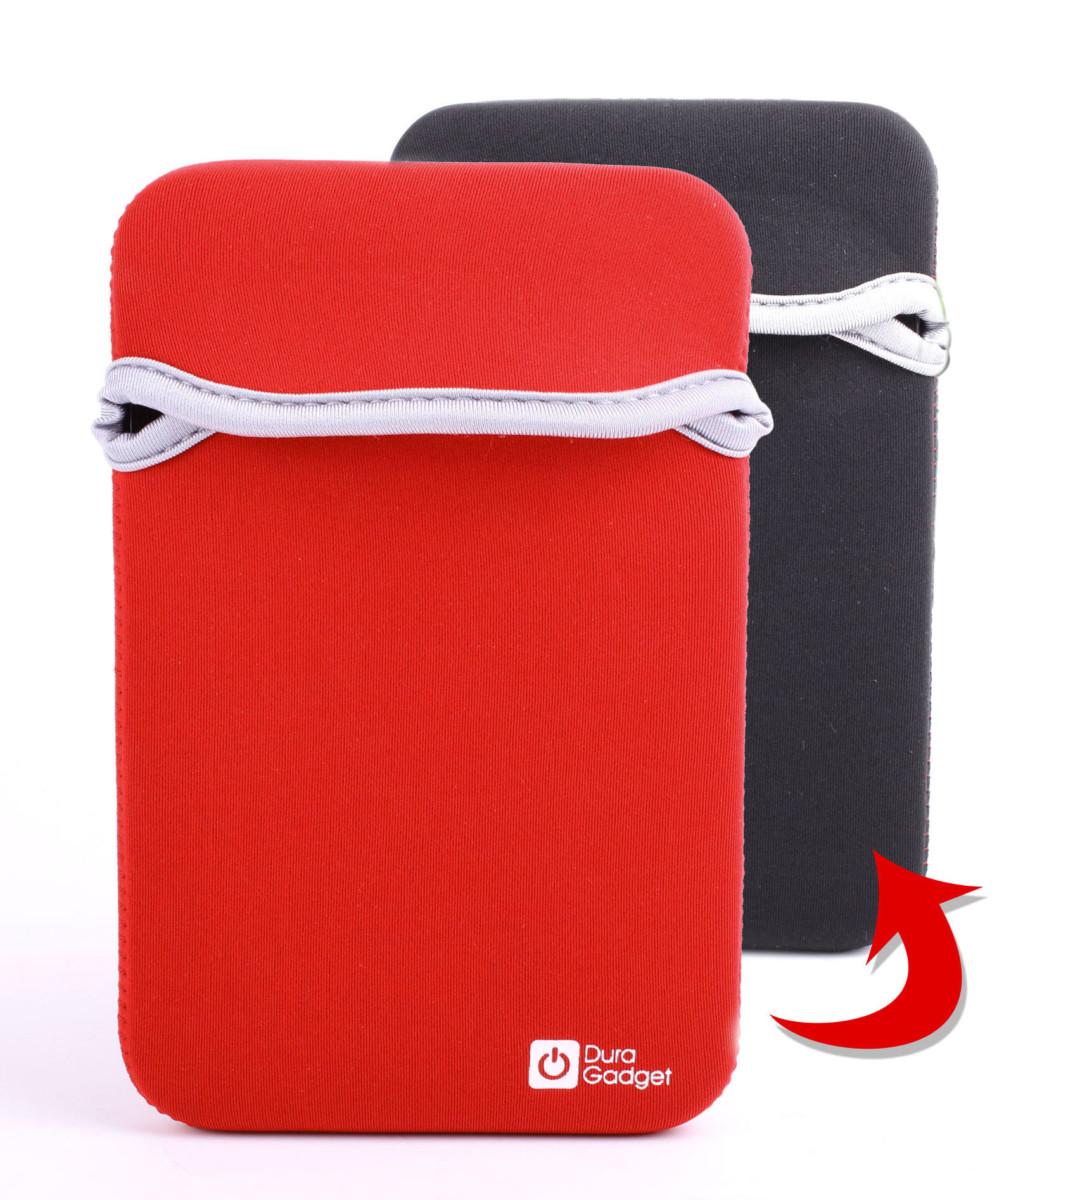 réversible rouge/noir pour tablette MSI Enjoy 71 7 pouces